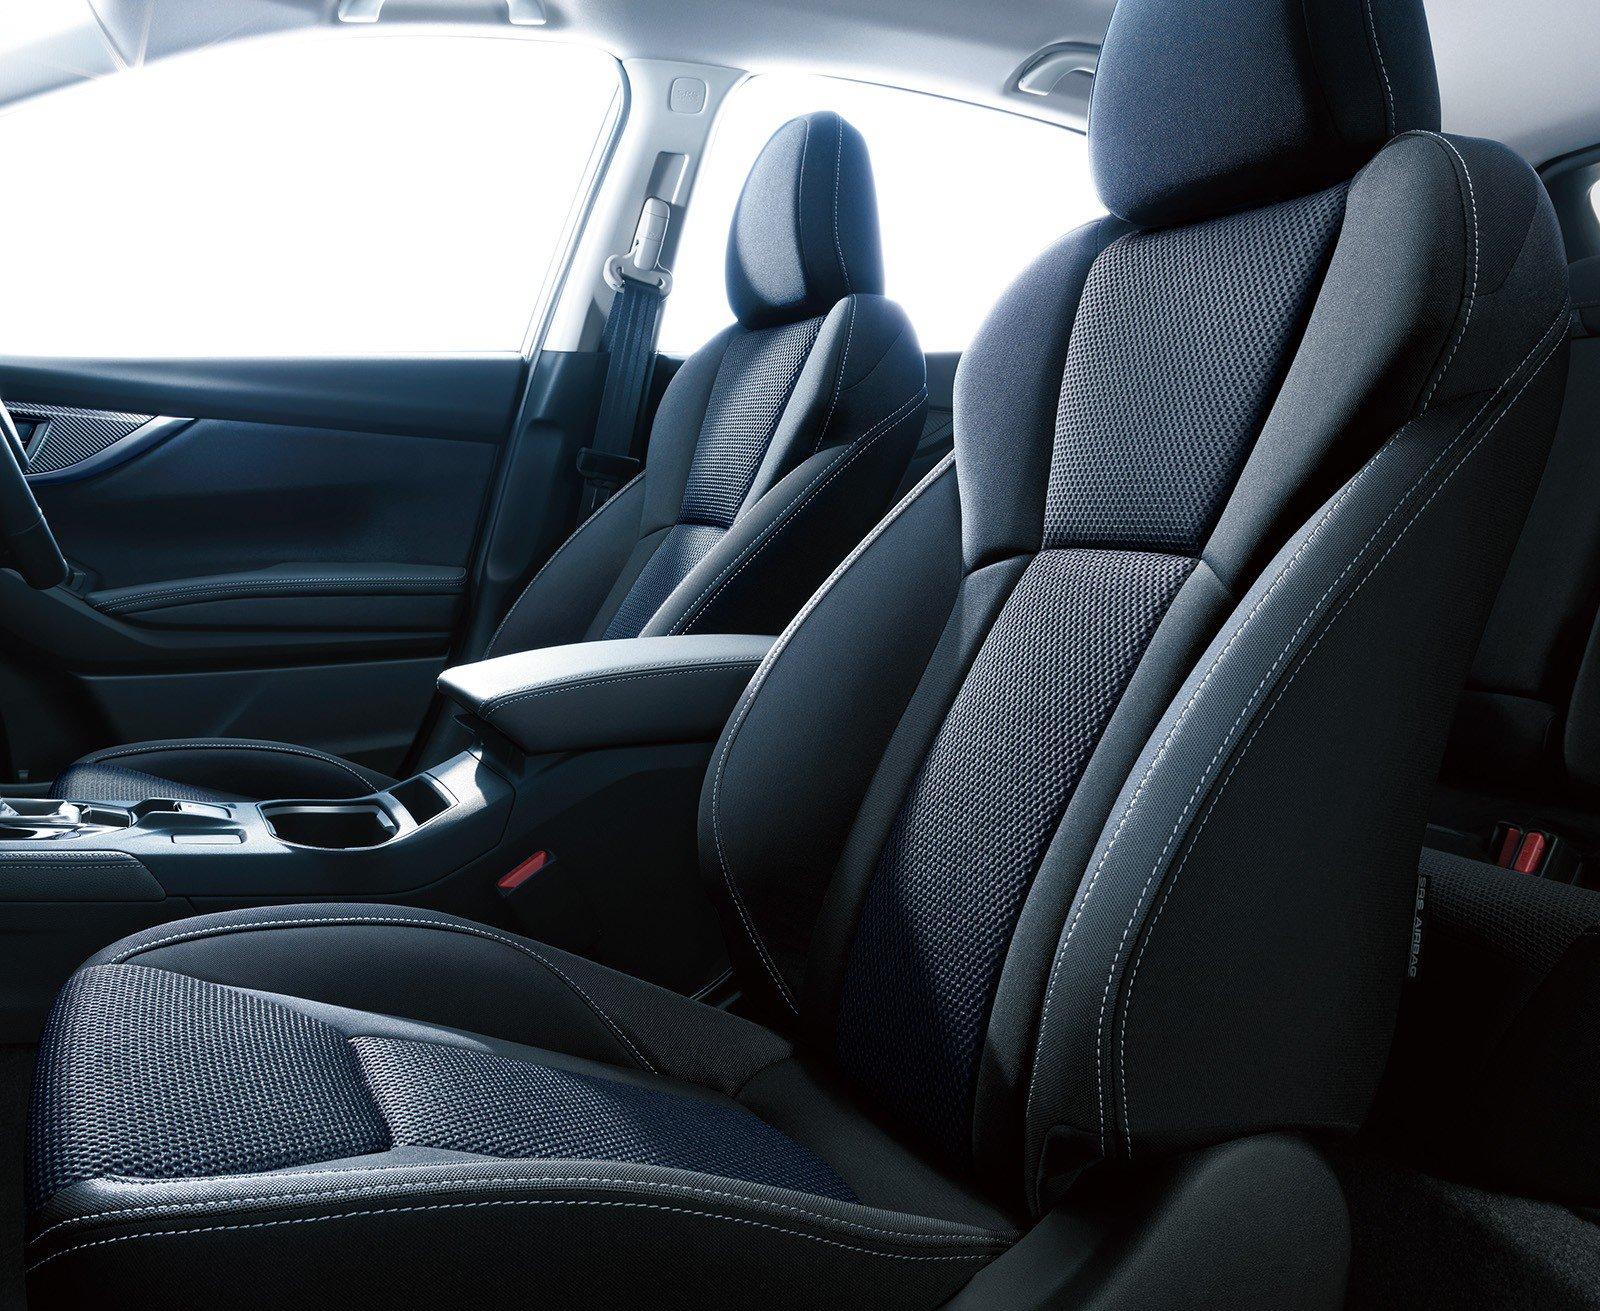 Subaru-Impreza-facelift-16